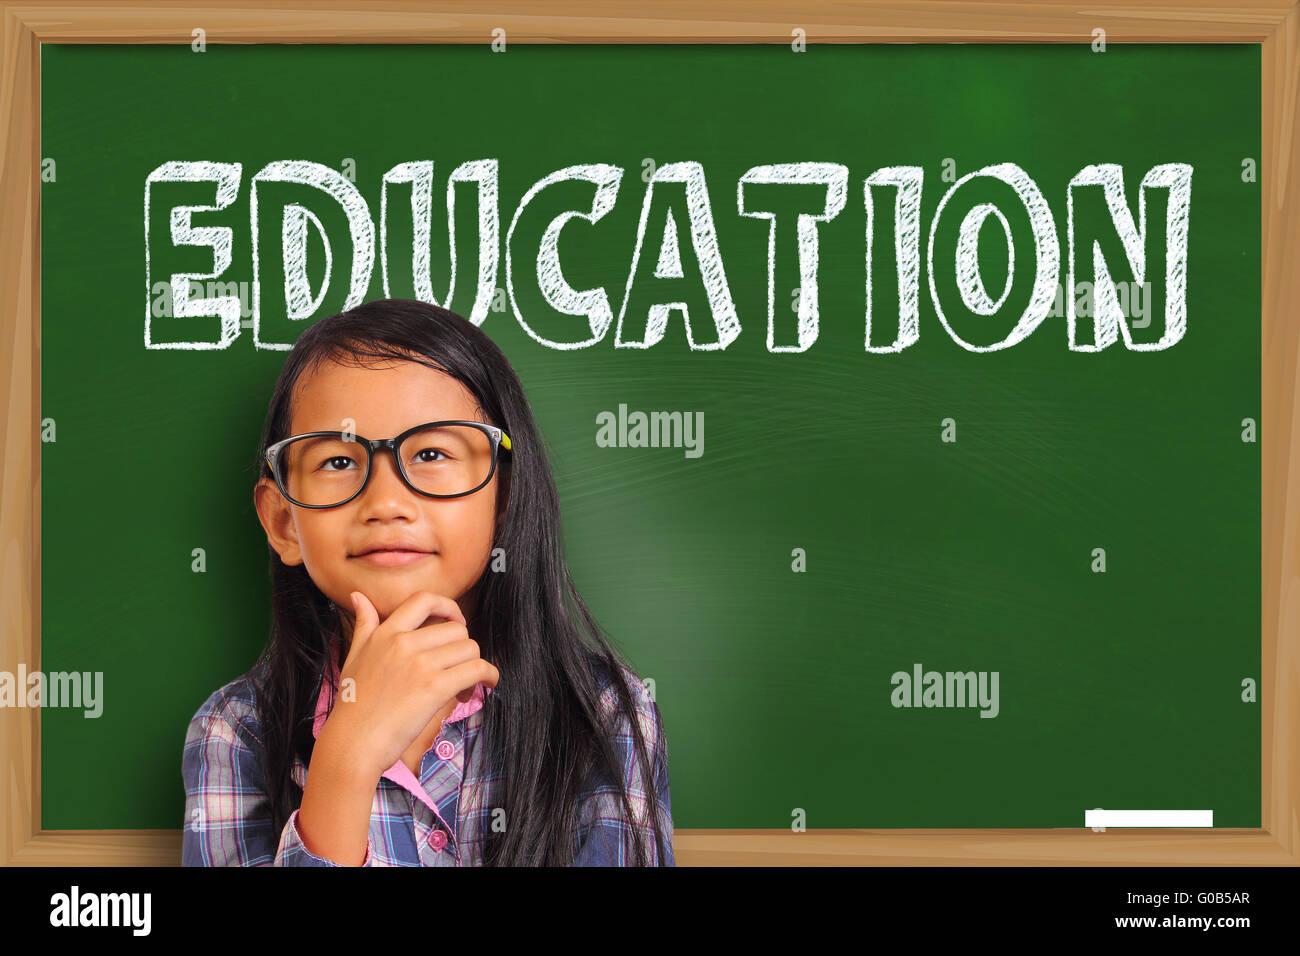 Piccolo studente asiatica ragazza sorridente e riflettendo su lavagna verde con l'istruzione parola scritta Immagini Stock